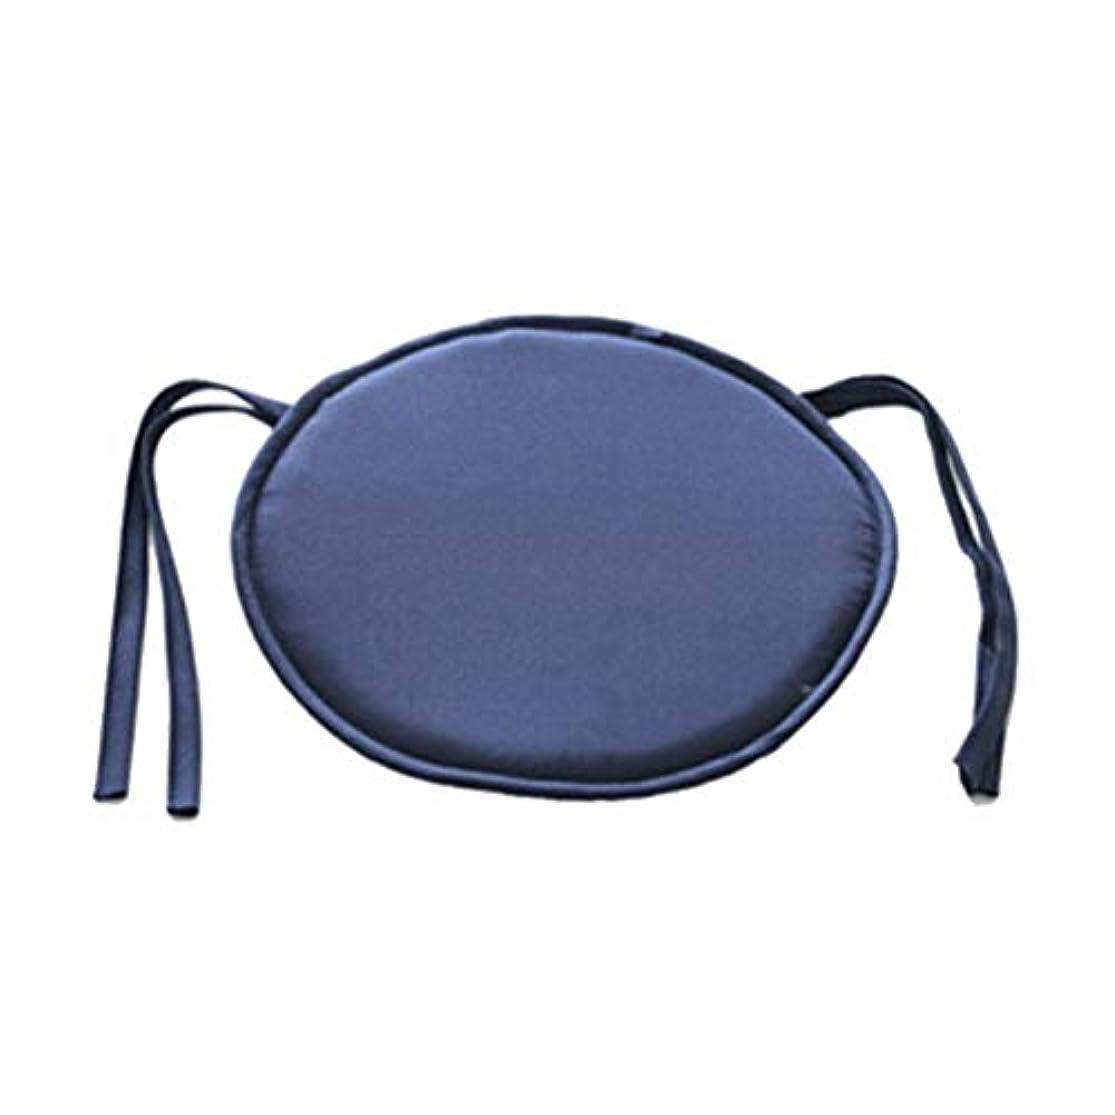 政治家の推論自明LIFE ホット販売ラウンドチェアクッション屋内ポップパティオオフィスチェアシートパッドネクタイスクエアガーデンキッチンダイニングクッション クッション 椅子